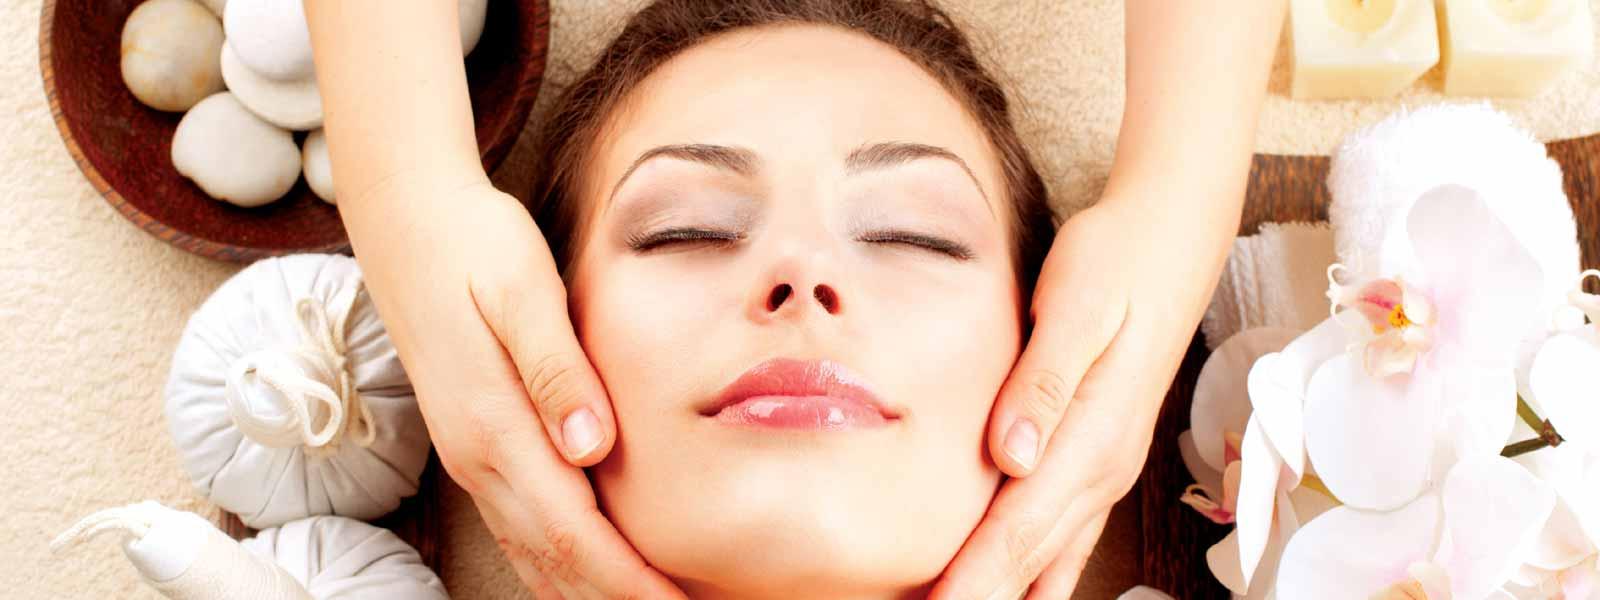 Woman having a facial in a spa